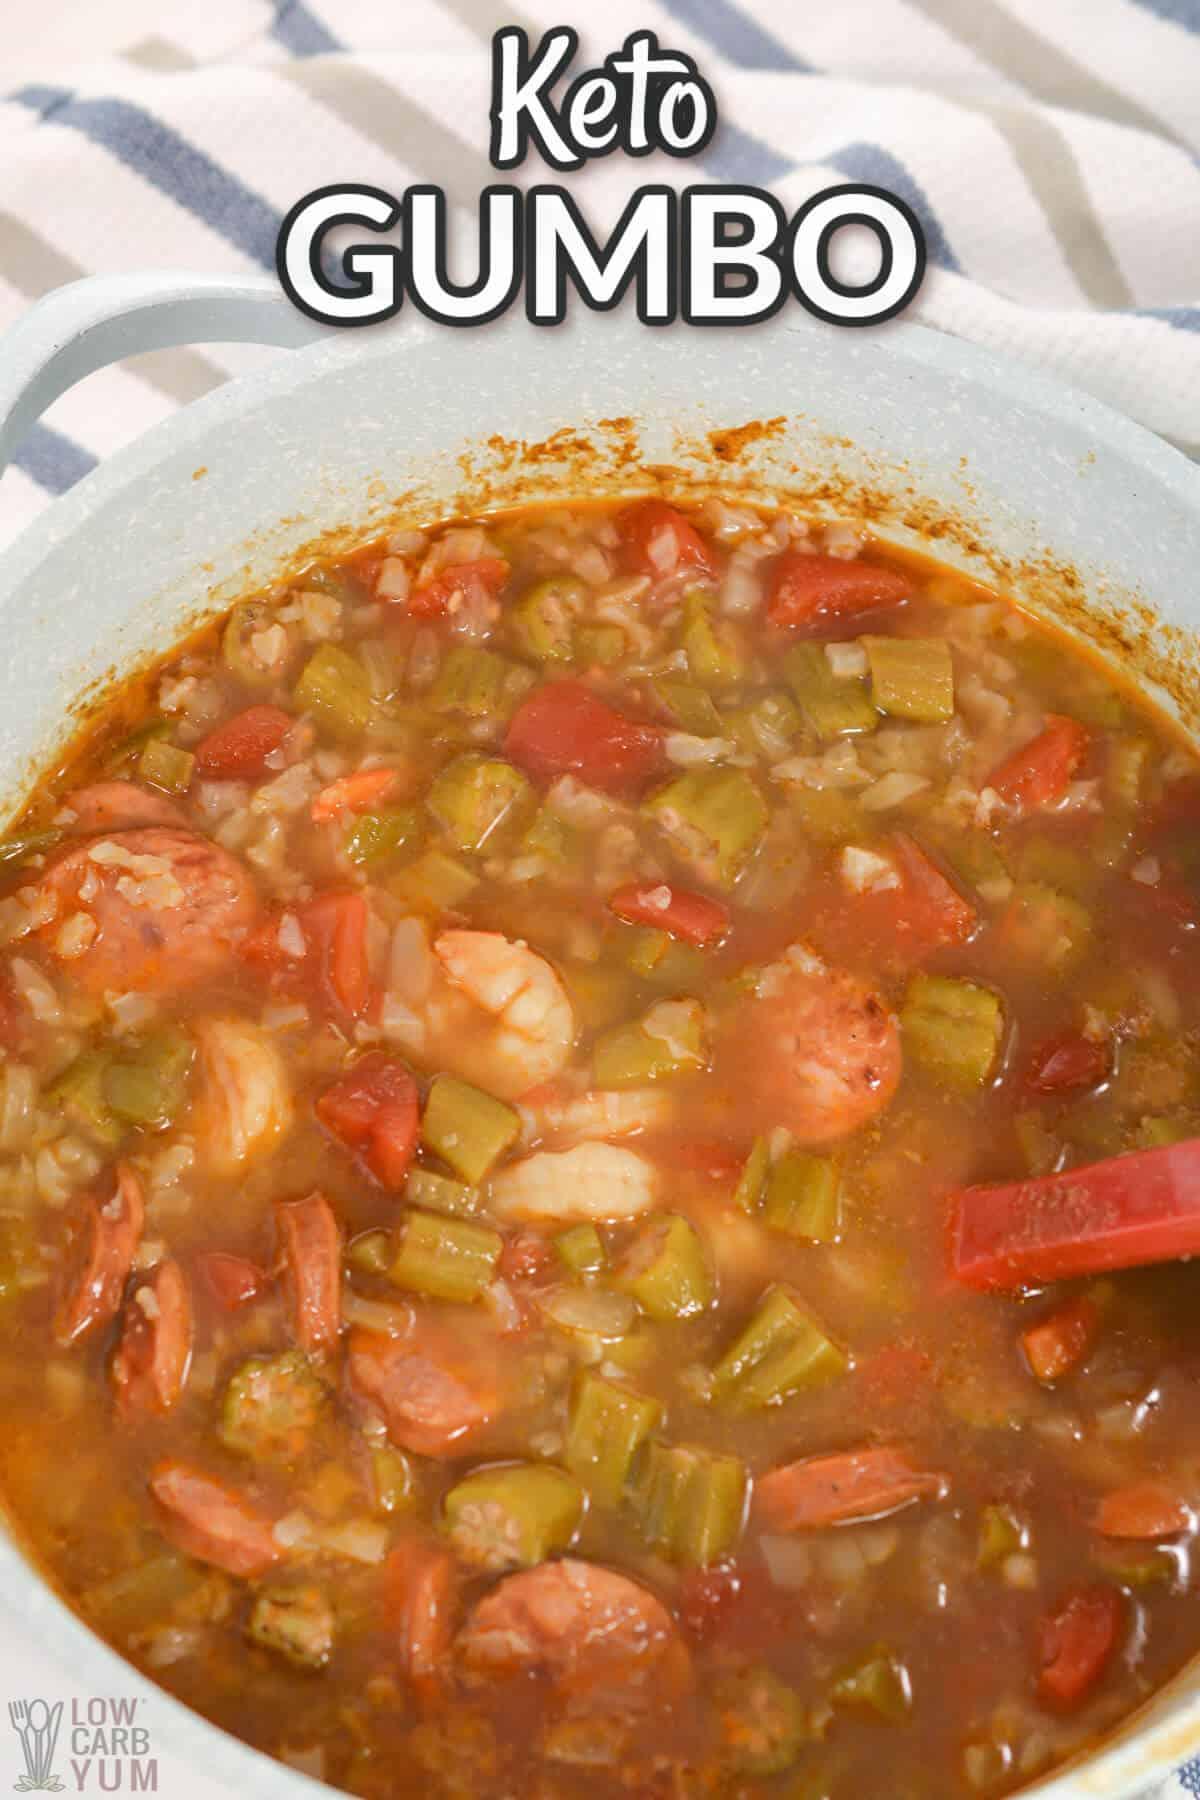 keto gumbo recipe cover image